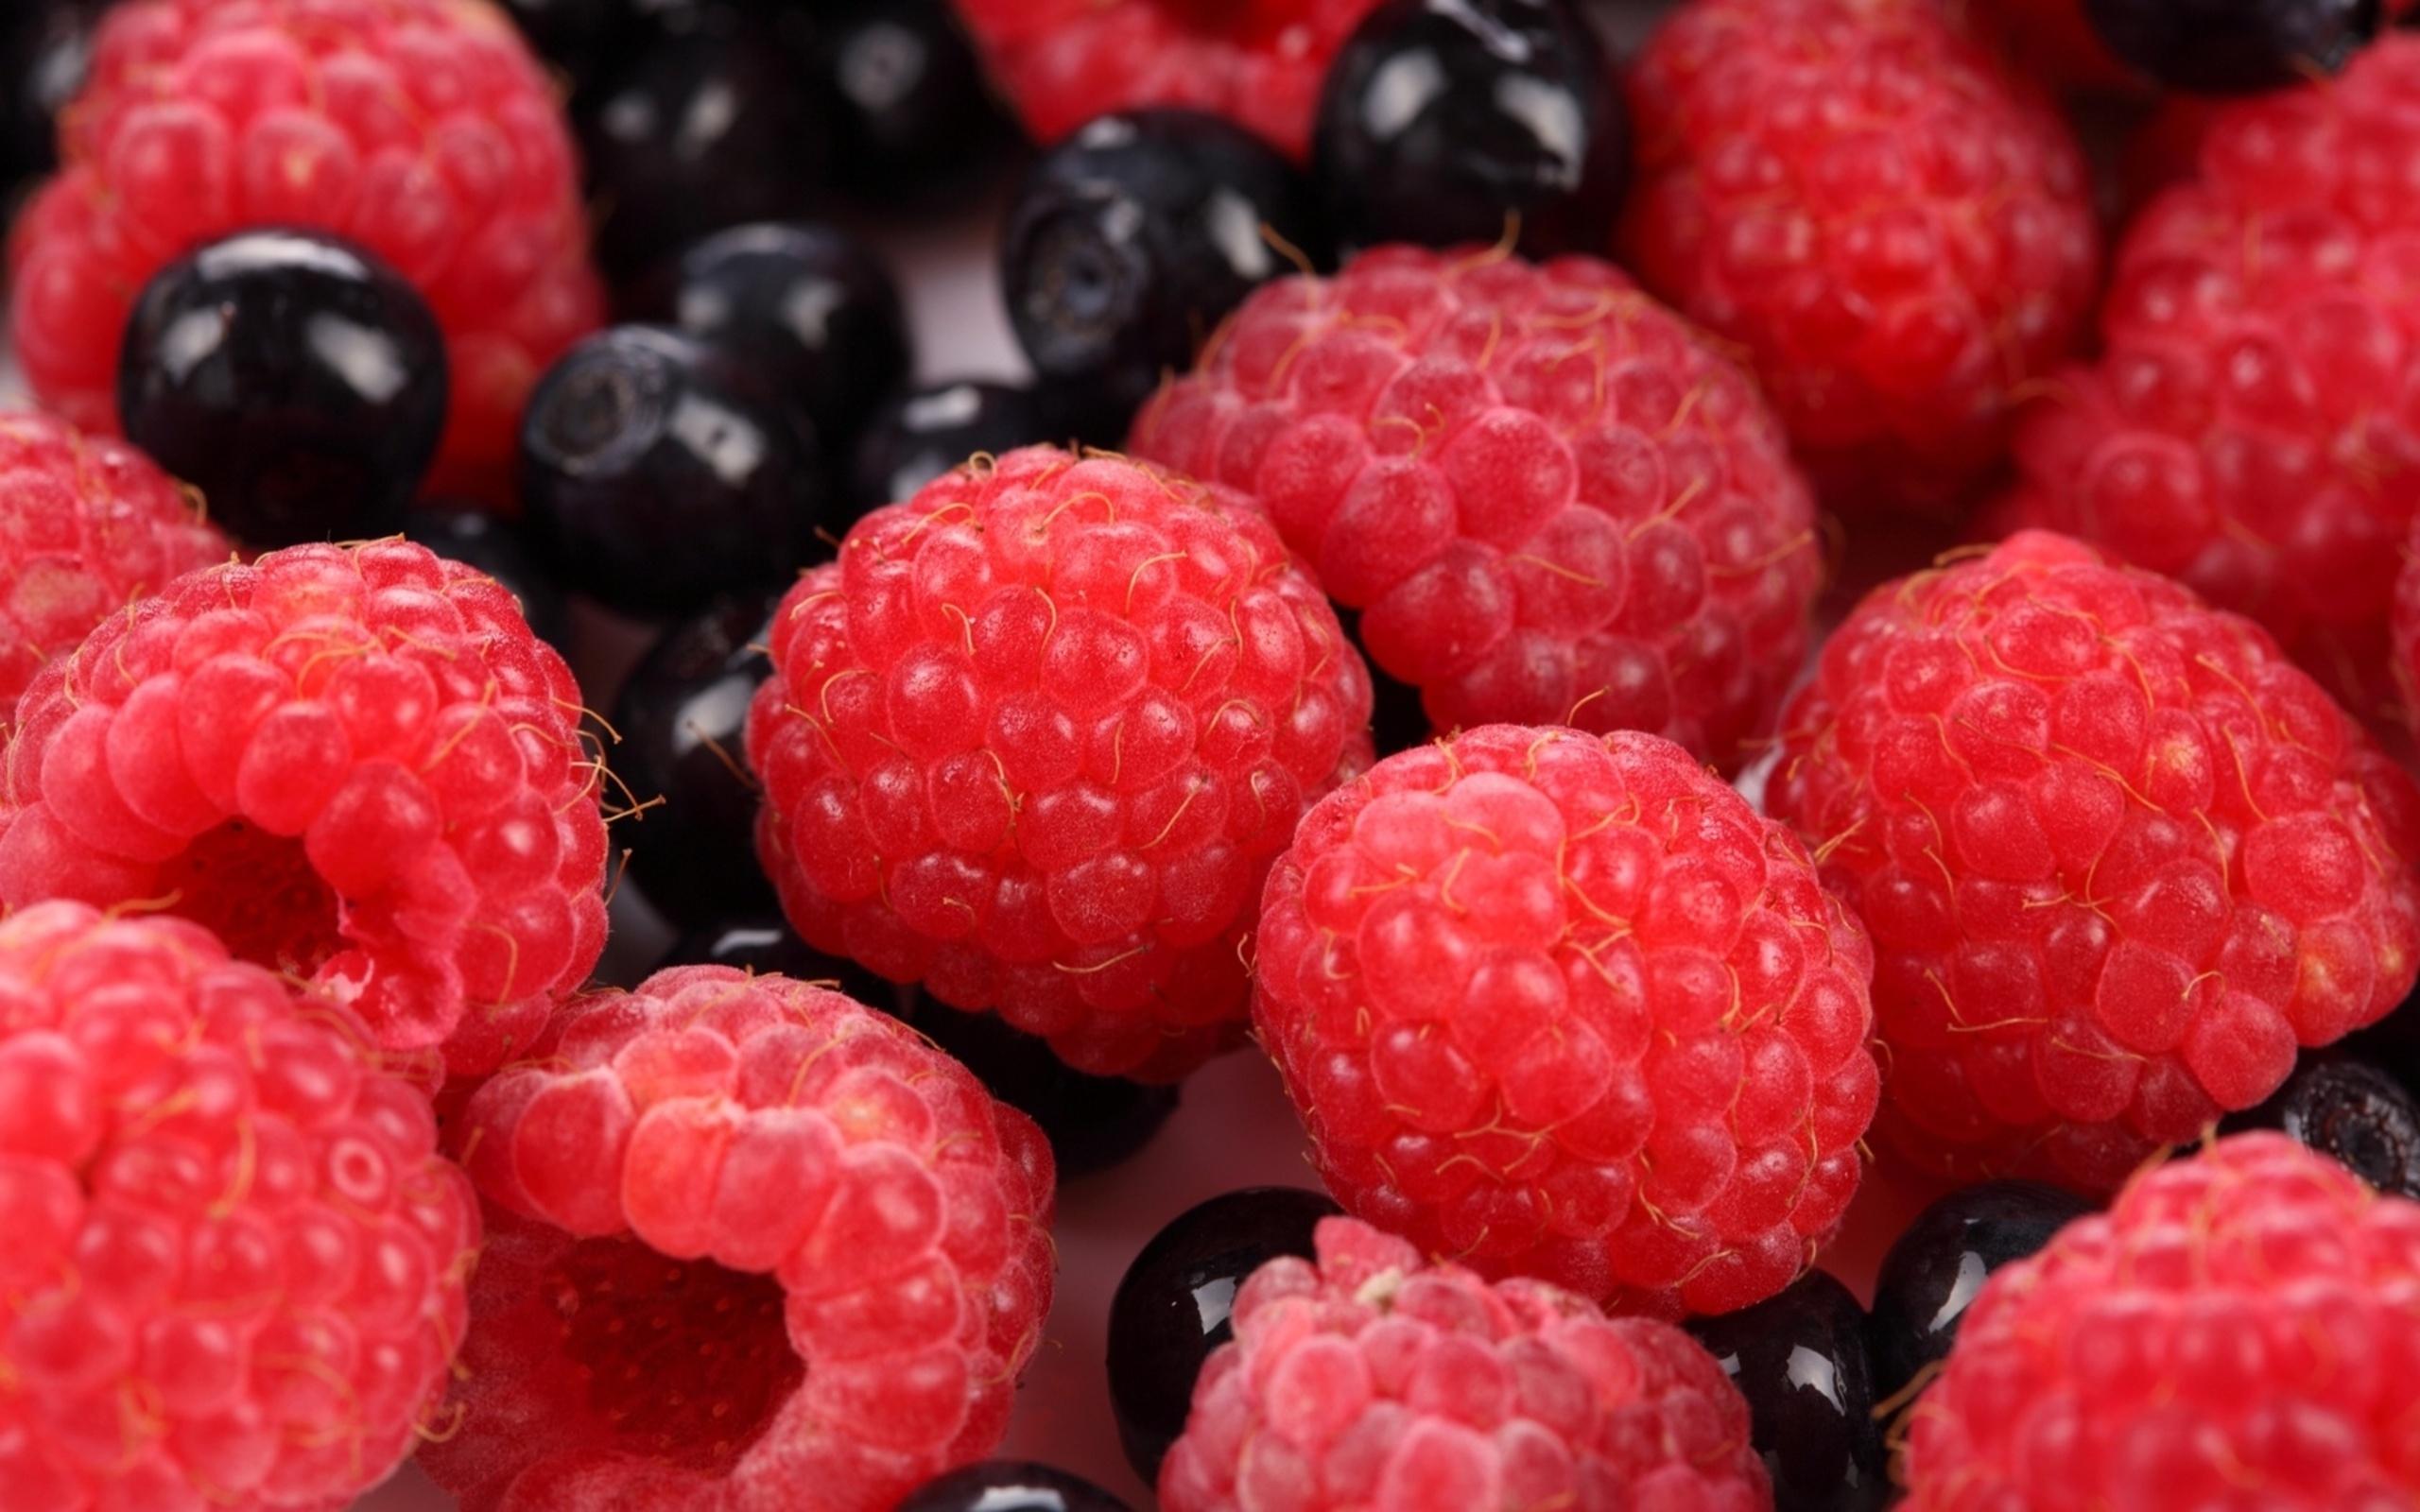 выведено множество картинки на телефон красивые ягоды чаще всего